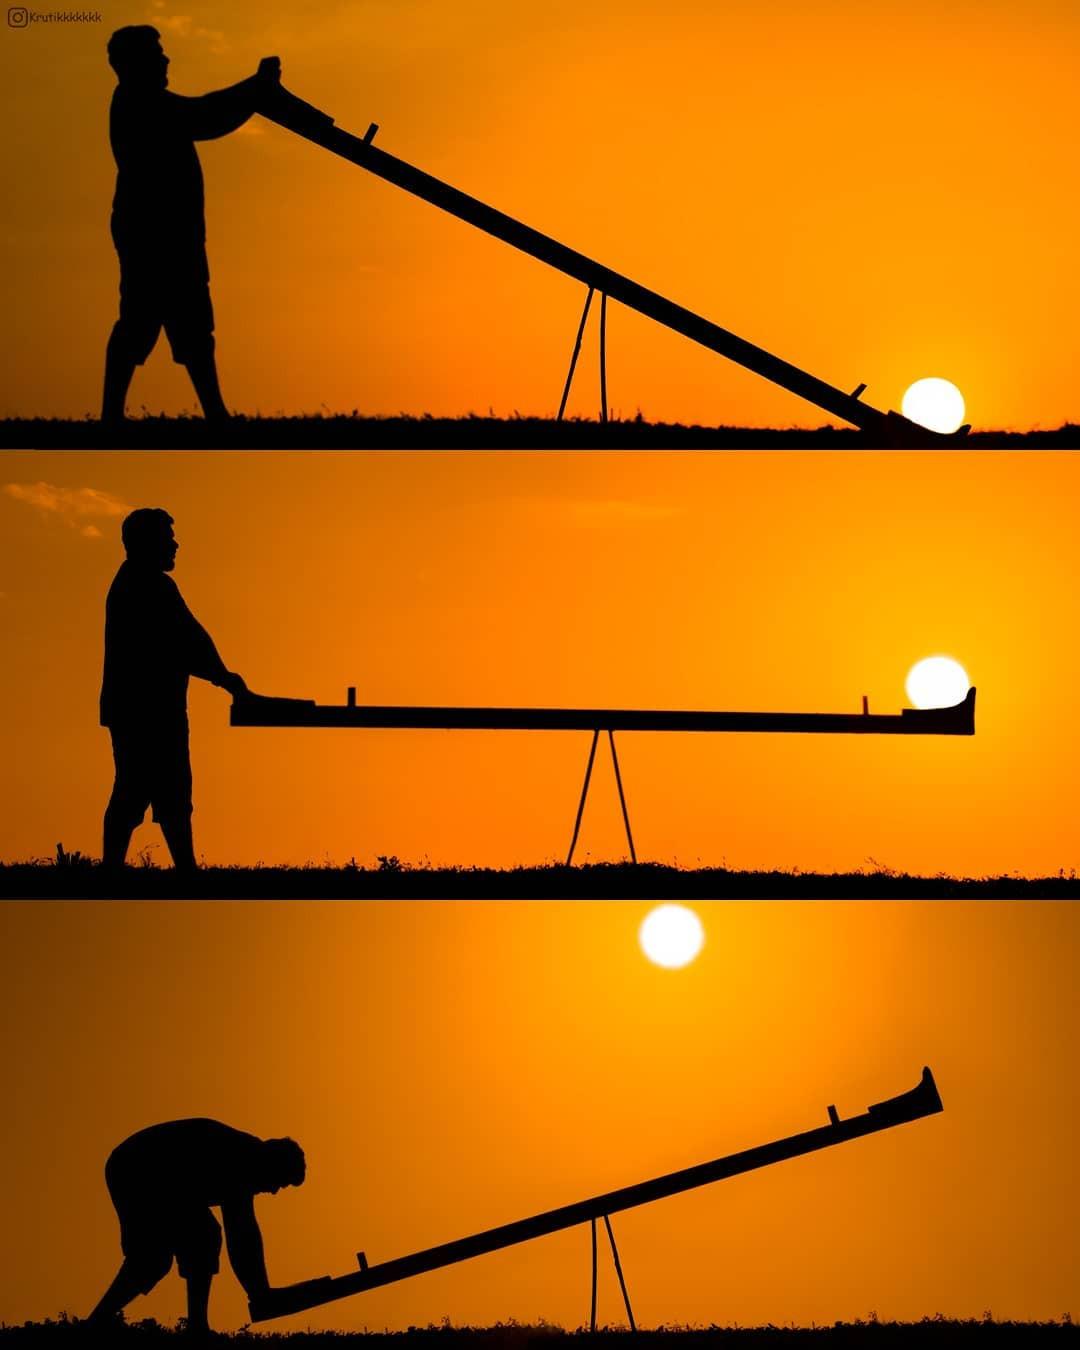 Захватывающие фотографии с силуэтами на закате